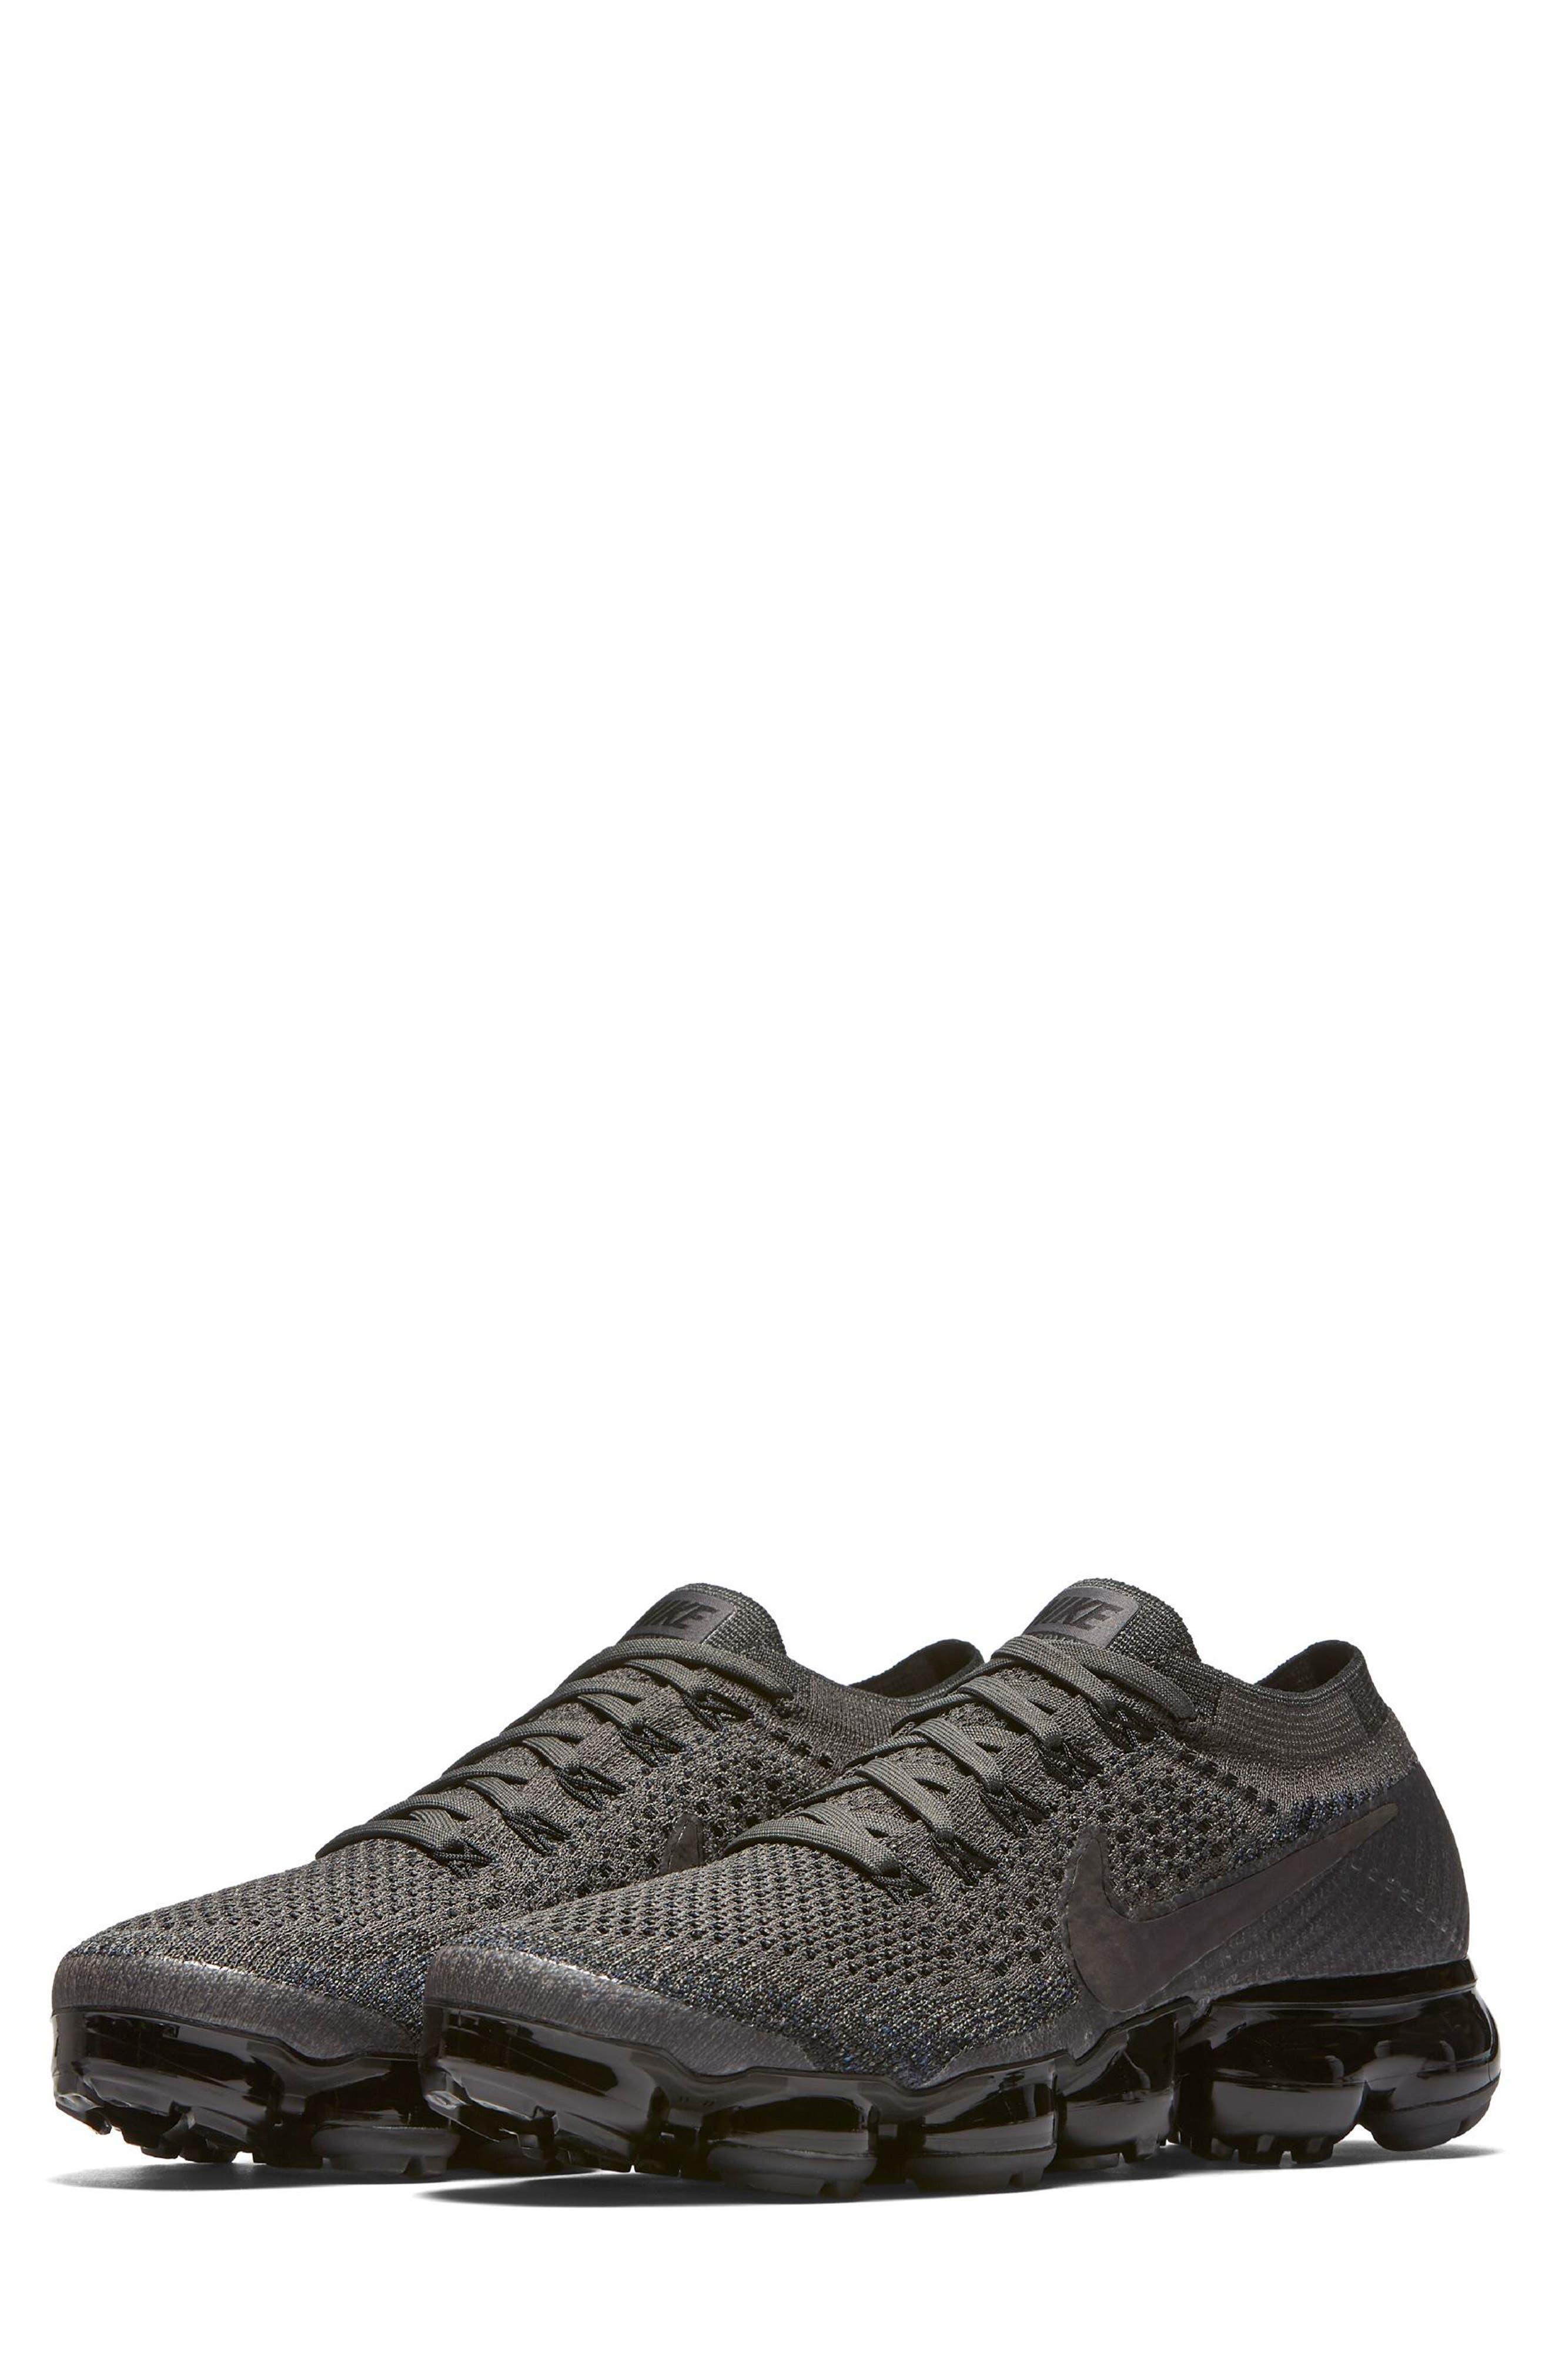 Air VaporMax Flyknit Running Shoe,                         Main,                         color, MIDNIGHT FOG/ BLACK